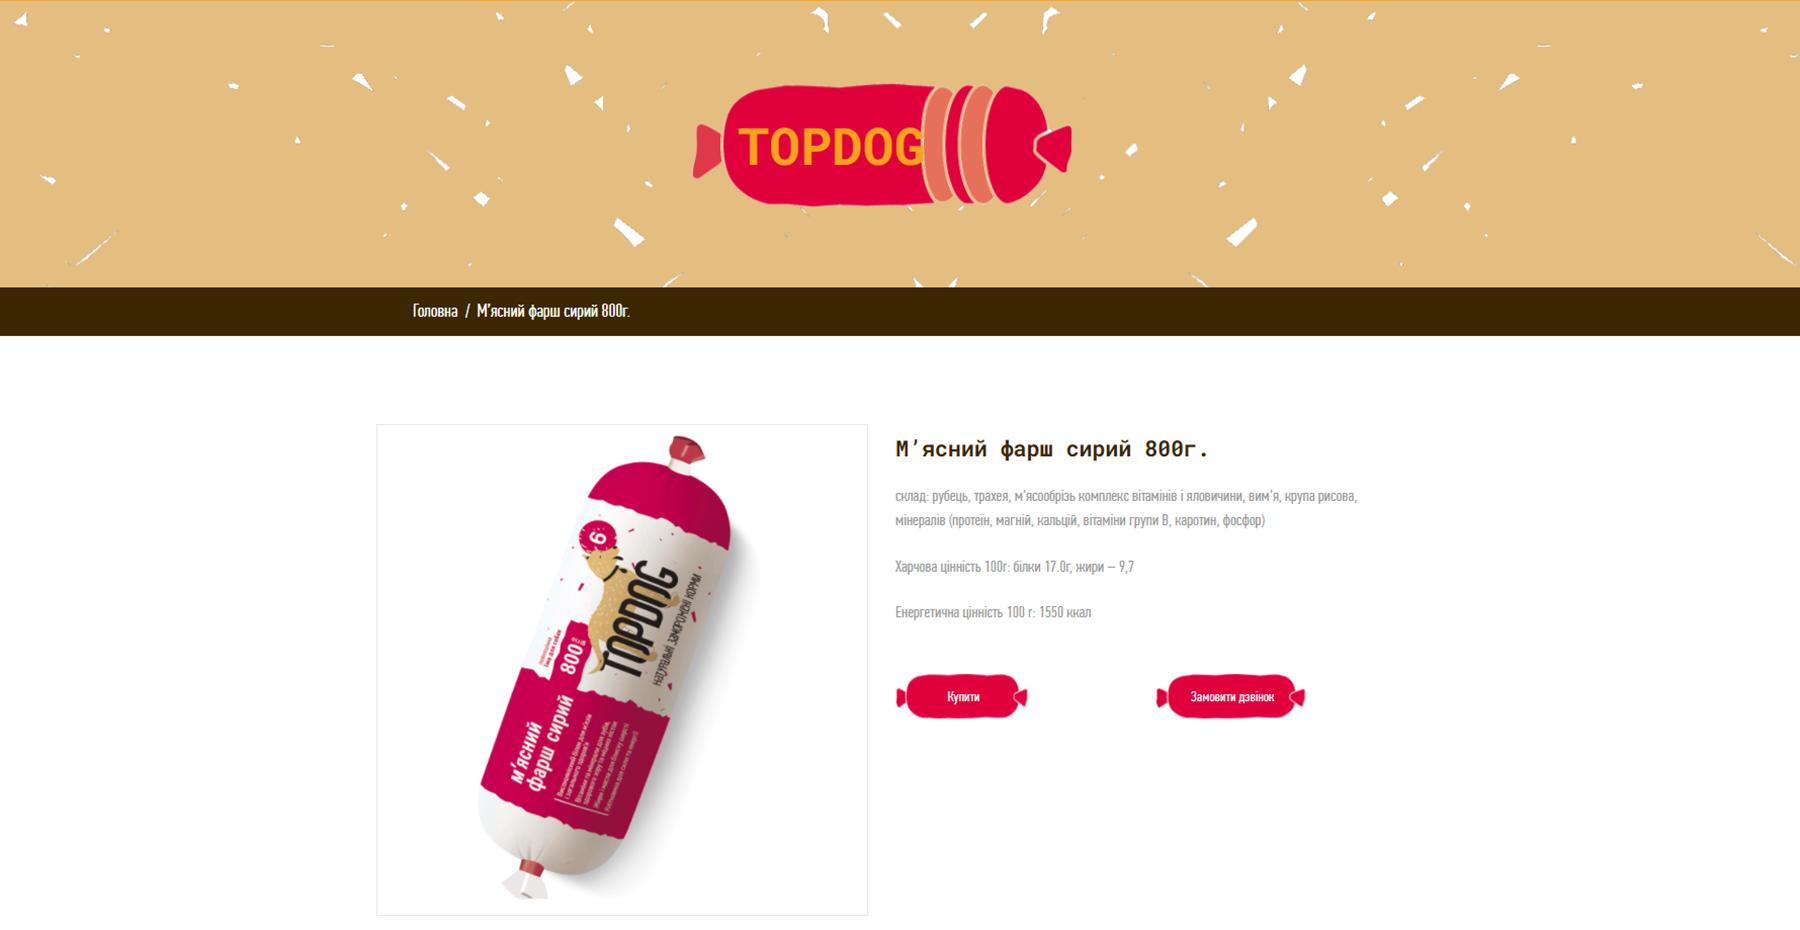 Створення корпоративного сайту TopDog